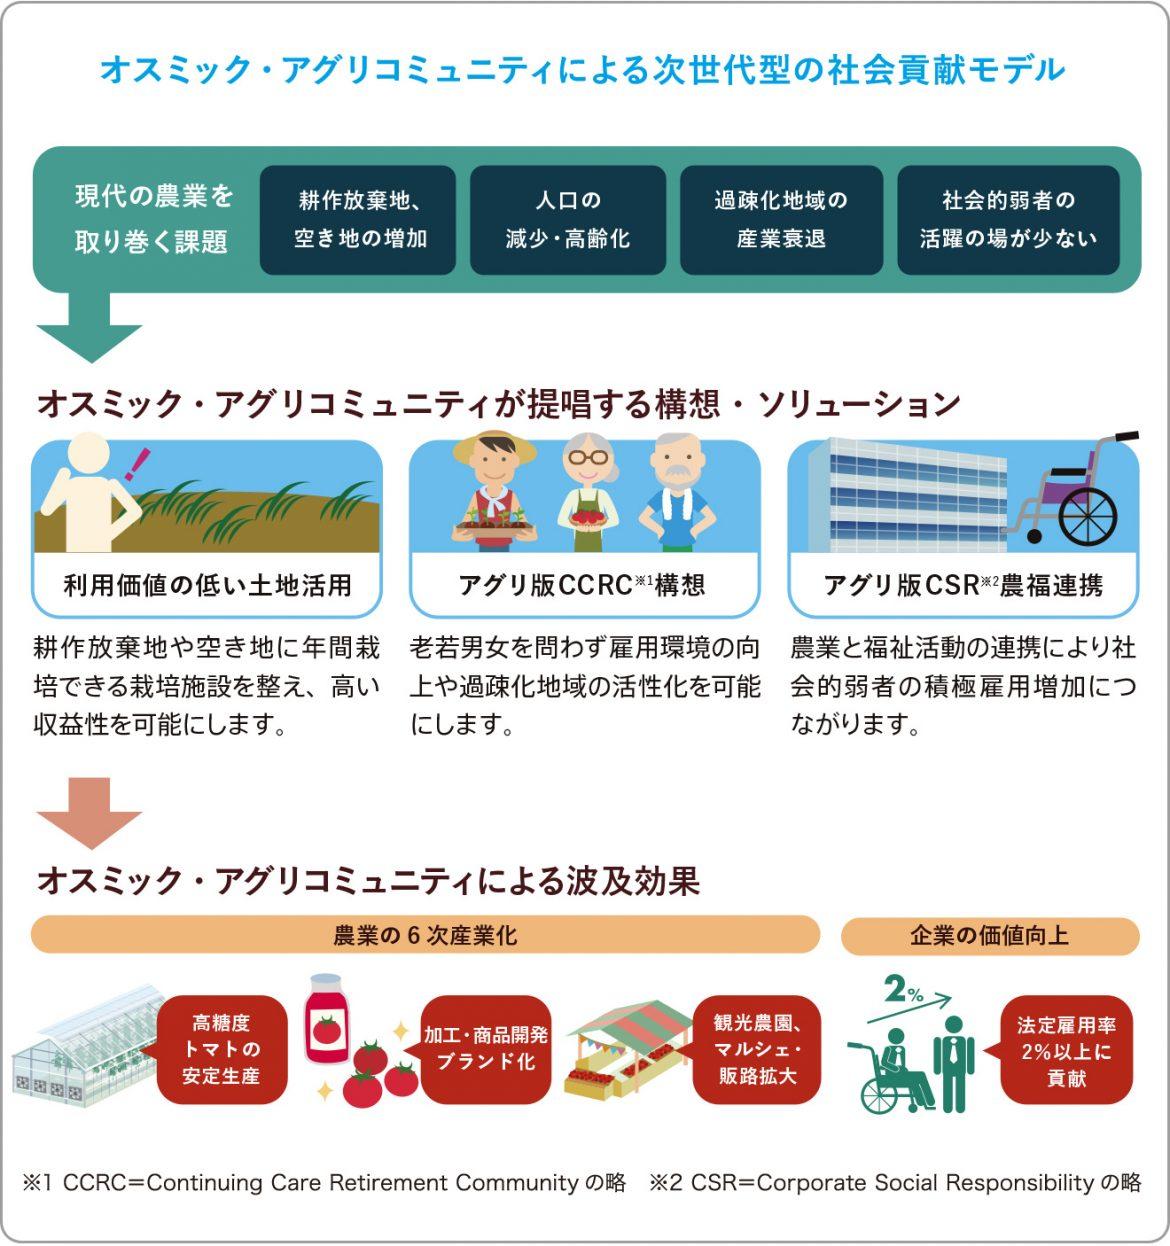 オスミック・アグリコミュニティによる次世代型の社会貢献モデル